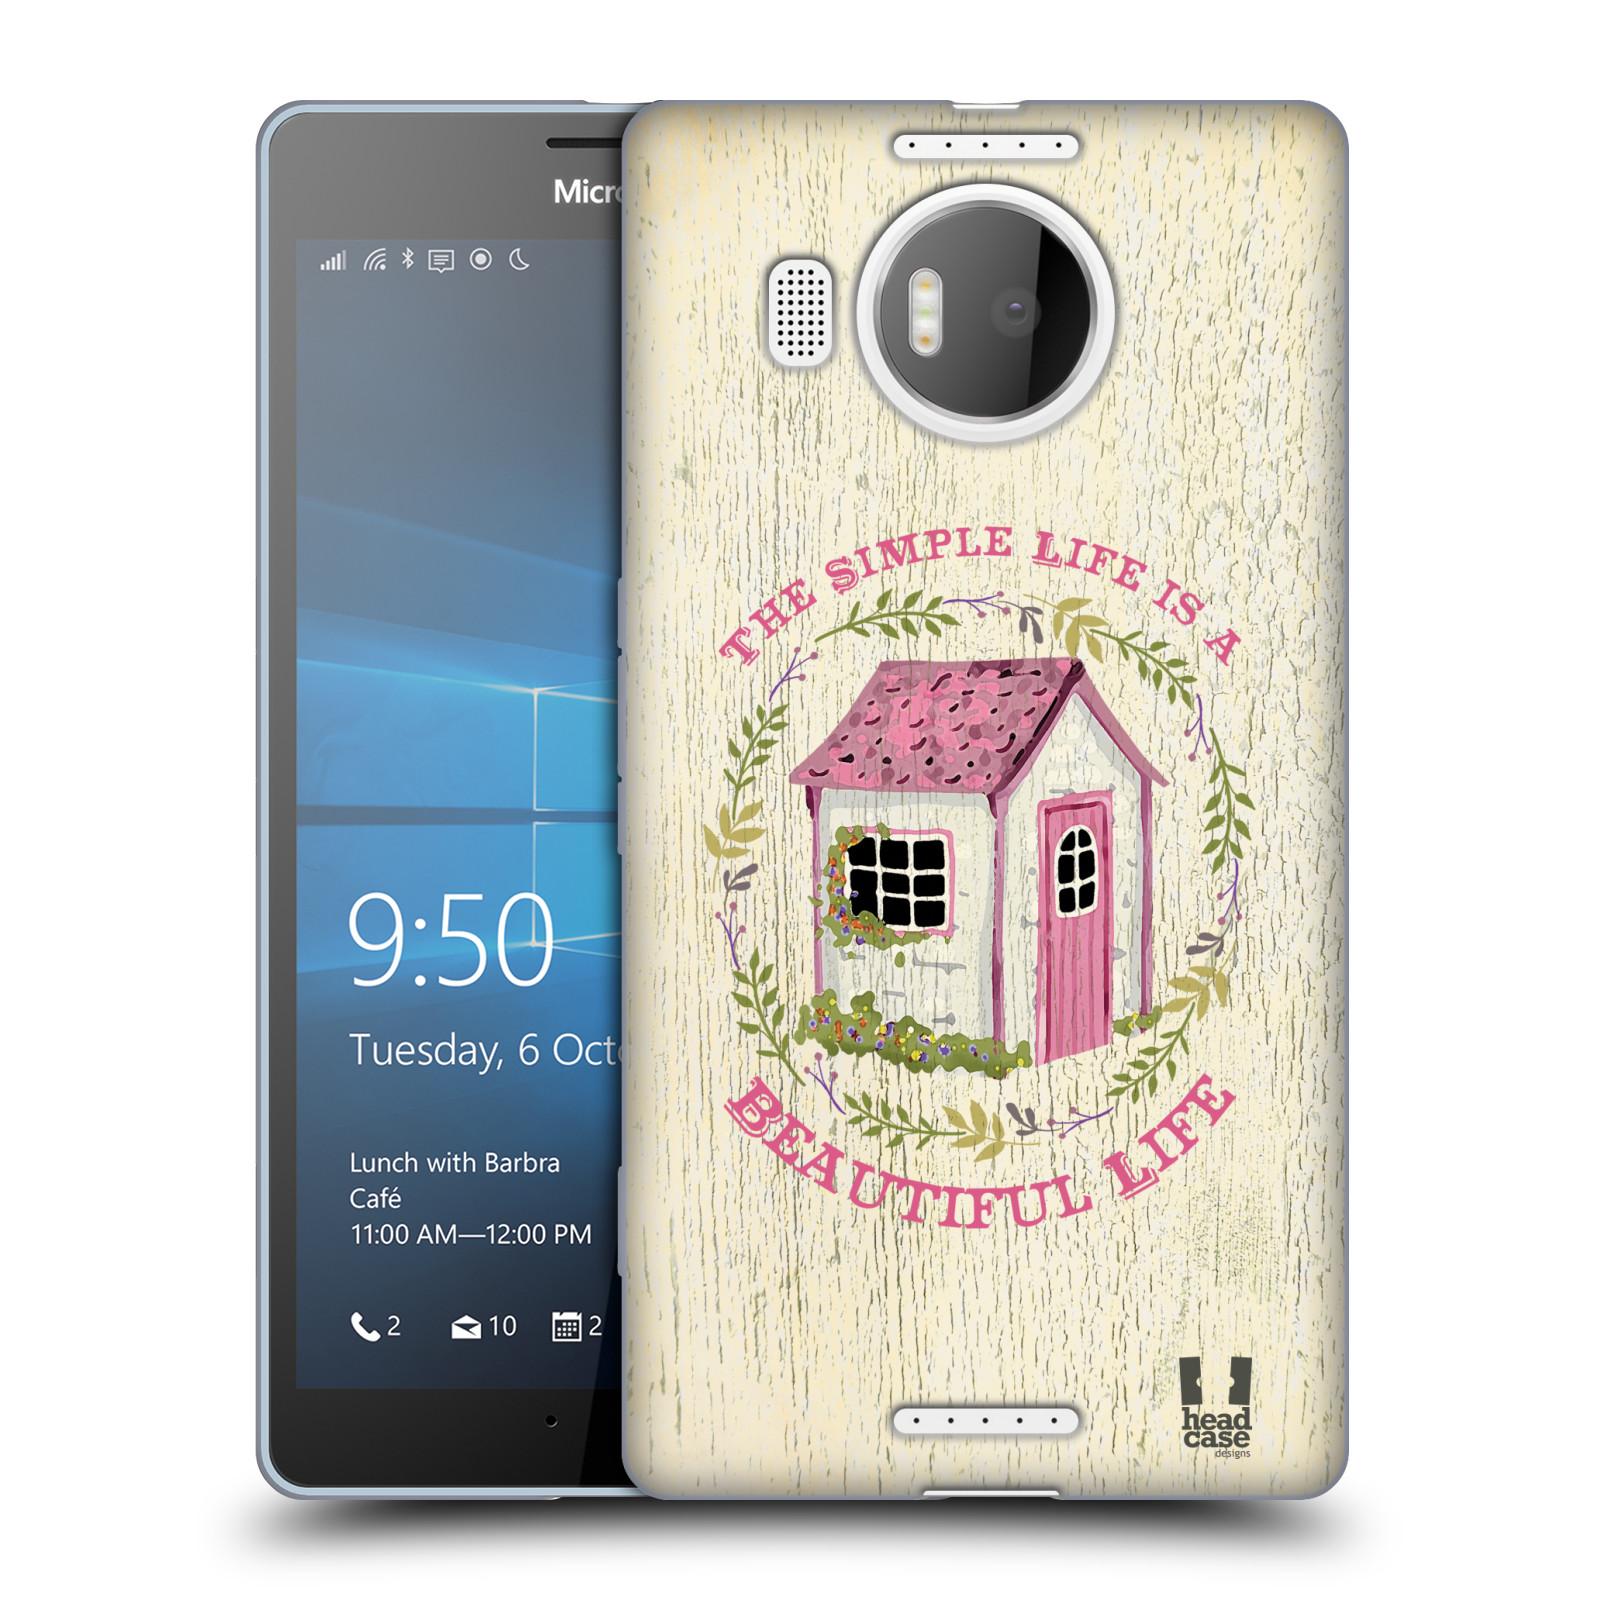 HEAD CASE silikonový obal na mobil NOKIA LUMIA 950 XL / LUMIA 950 XL DUAL SIM vzor Barevný venkov, vintage RŮŽOVÁ CHATIČKA